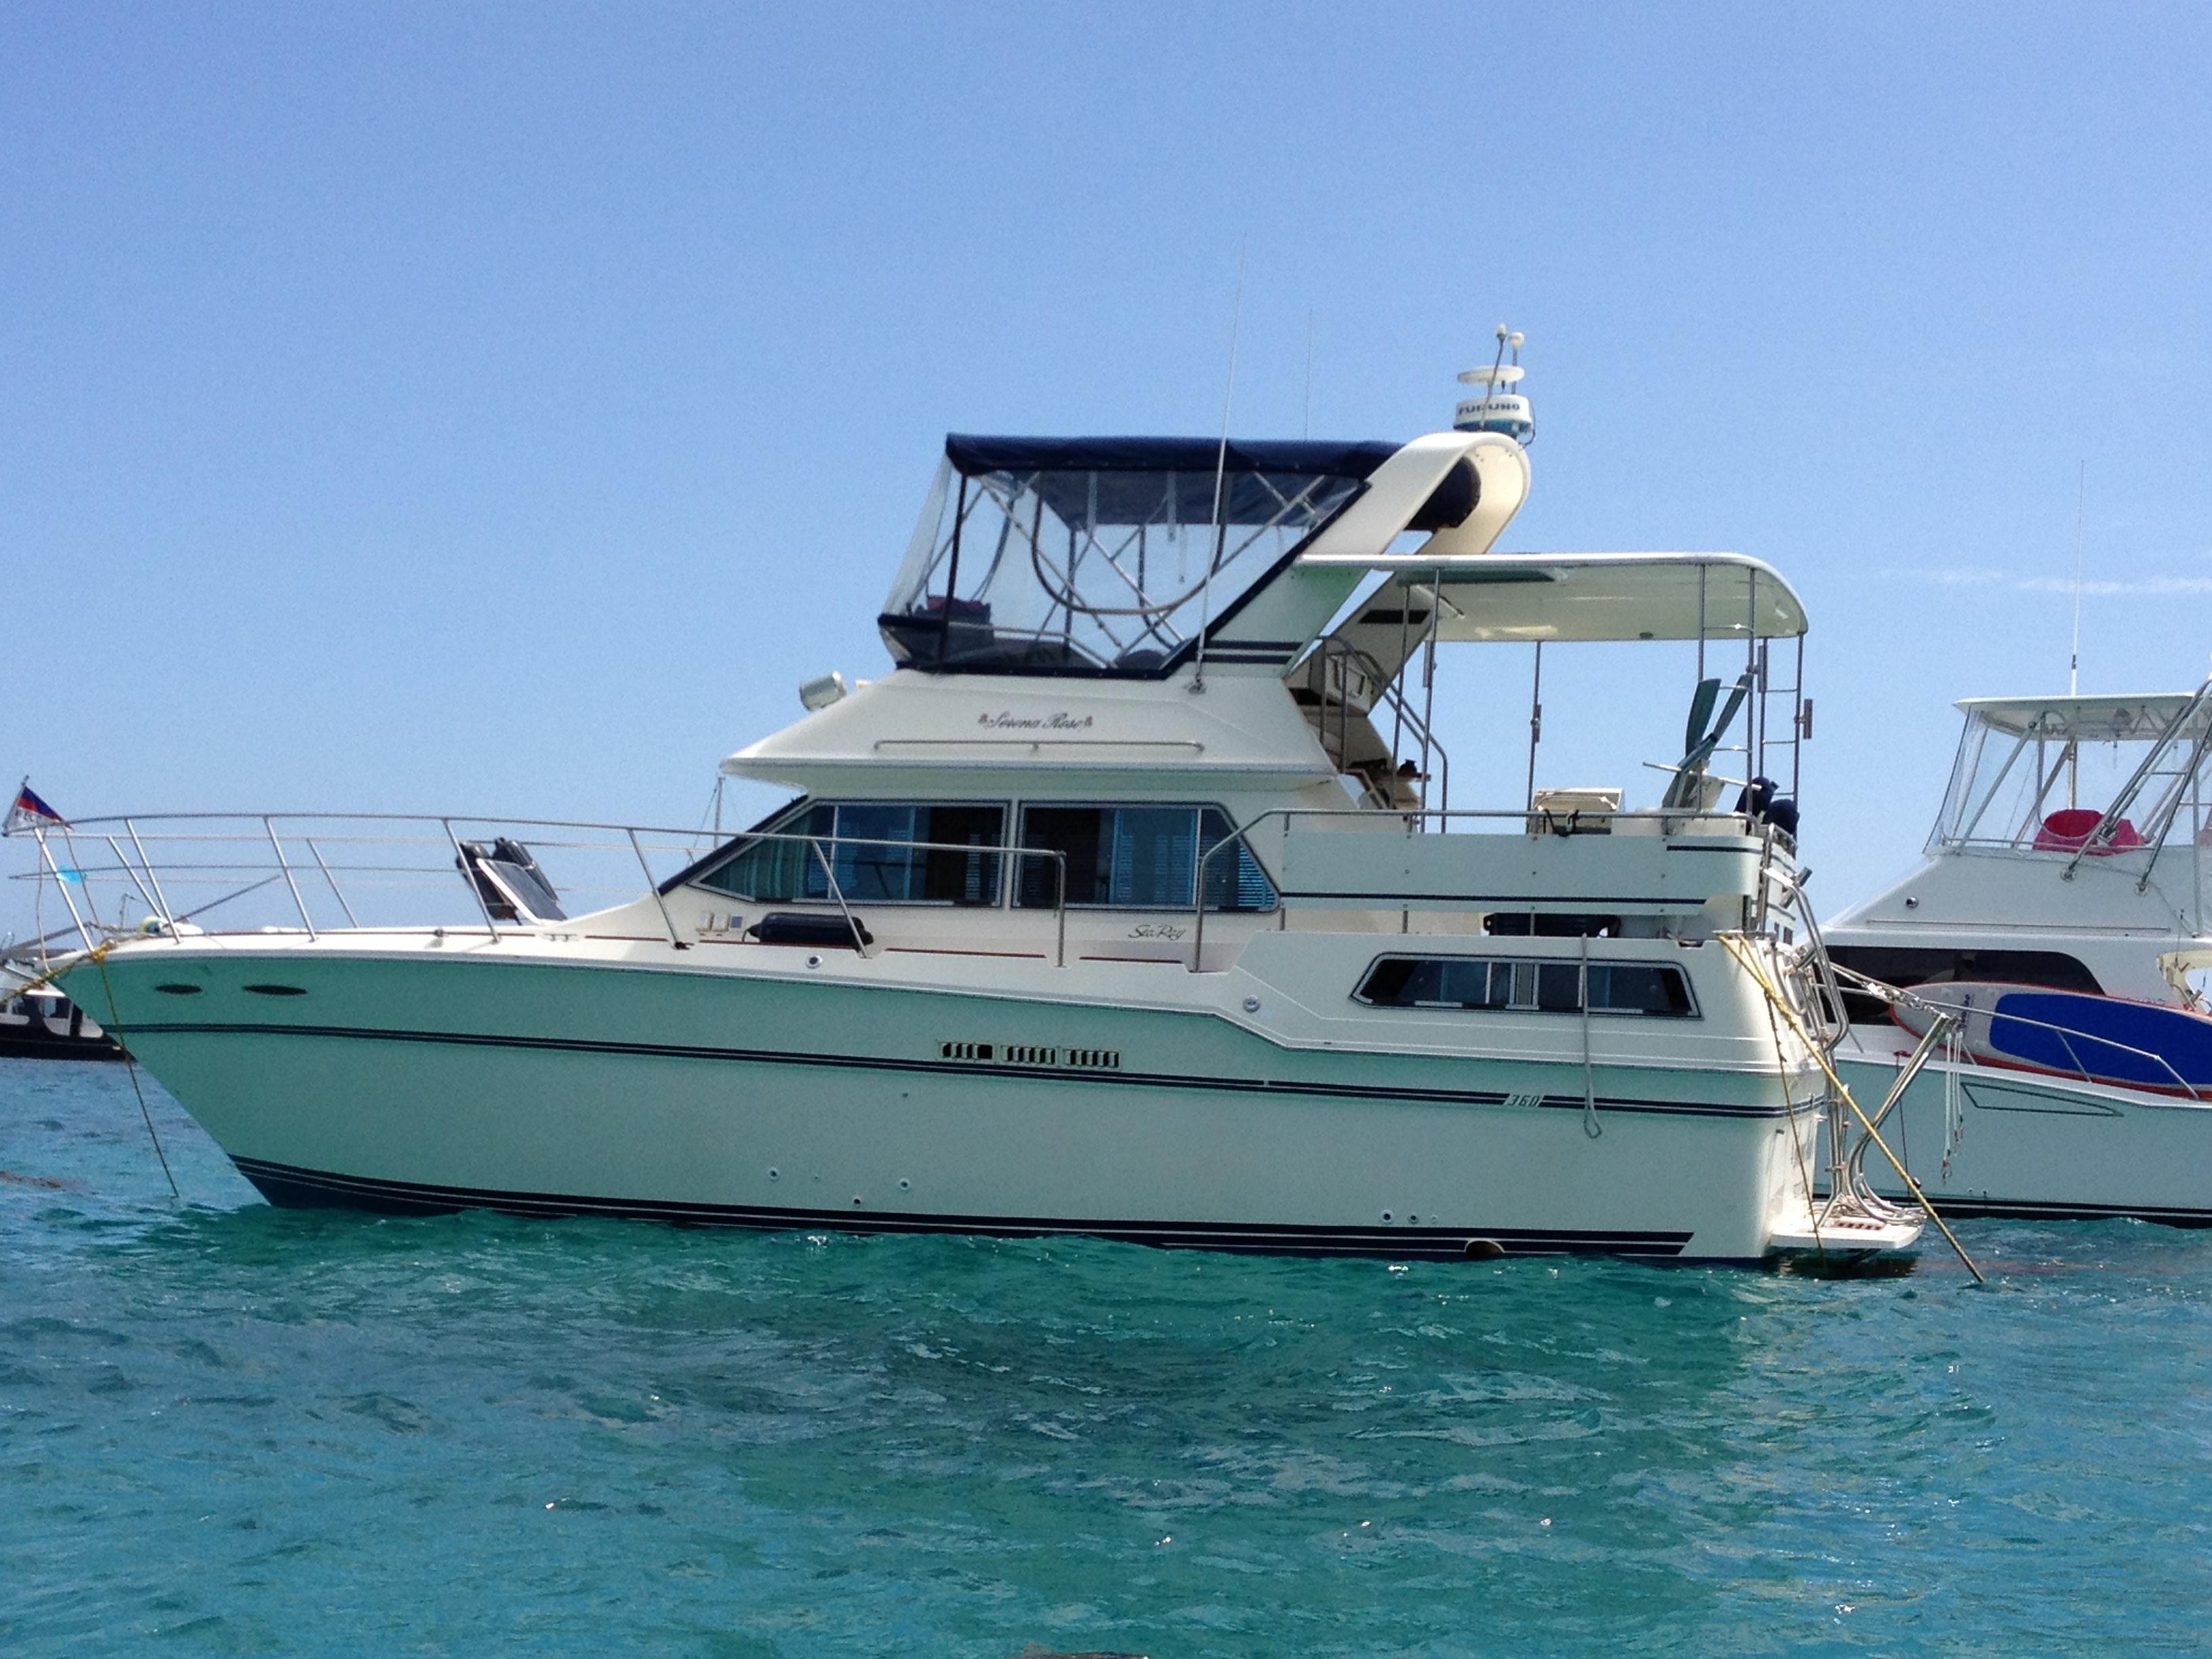 2001 Carver 406 Aft Cabin Aft Cabin for sale - YachtWorld